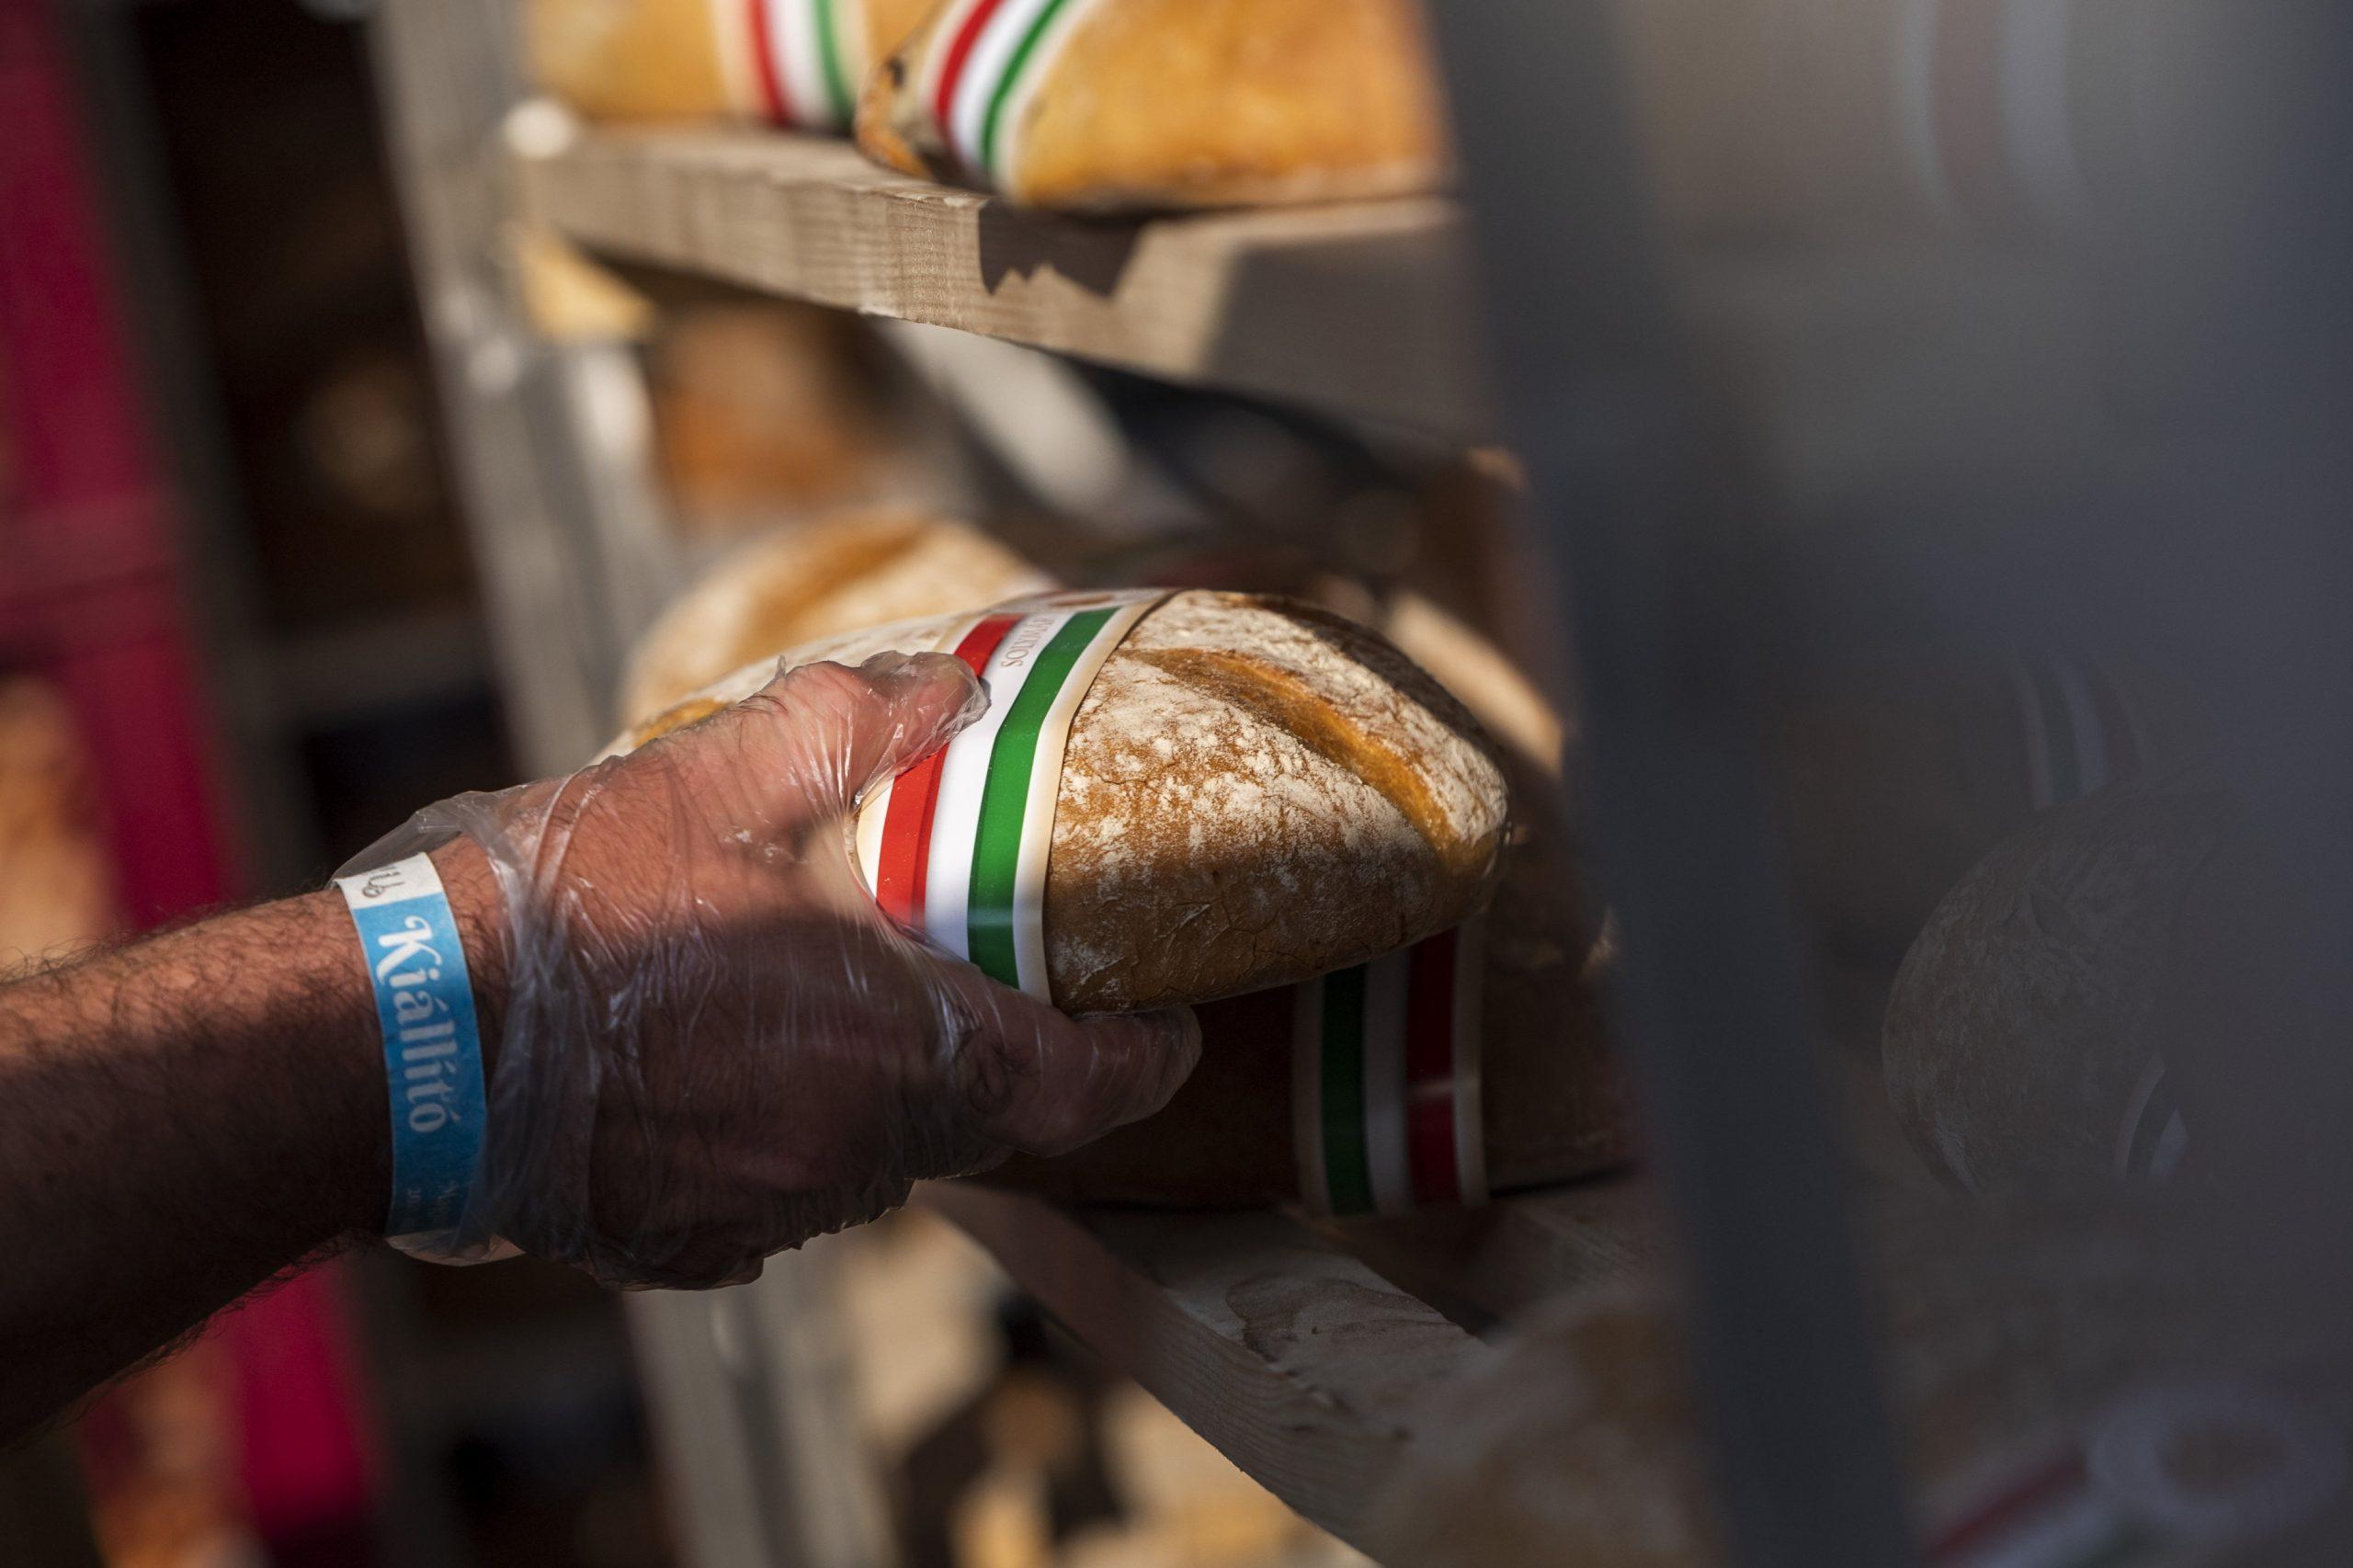 Opposition prognostiziert 15-20 % Preiserhöhung für Brot